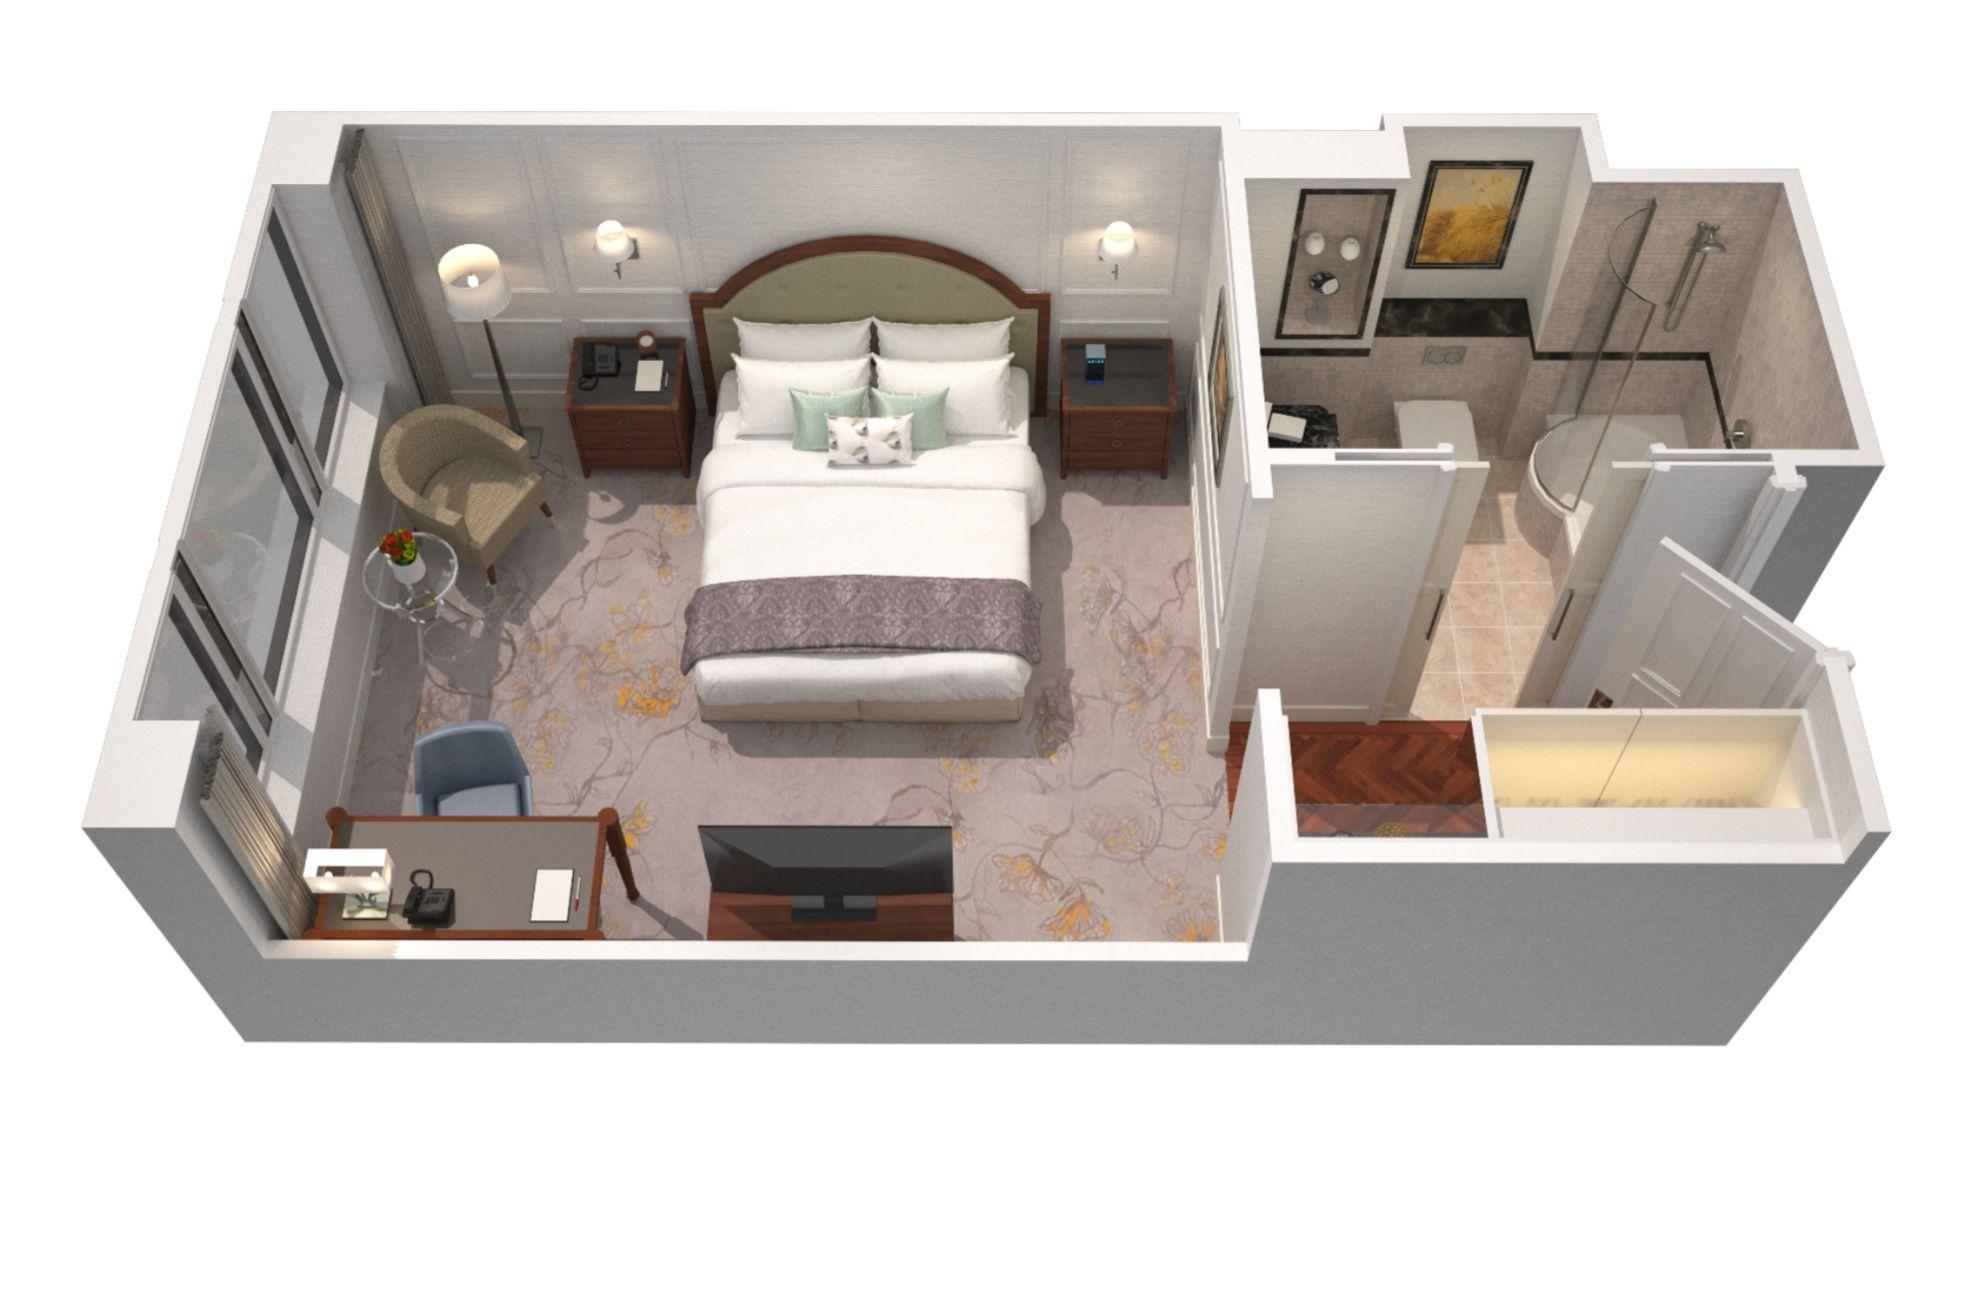 The Langham London Superior Room 28sqm 301sqft Master Bedroom Renovation Master Bedroom Layout Master Bedroom Interior Design